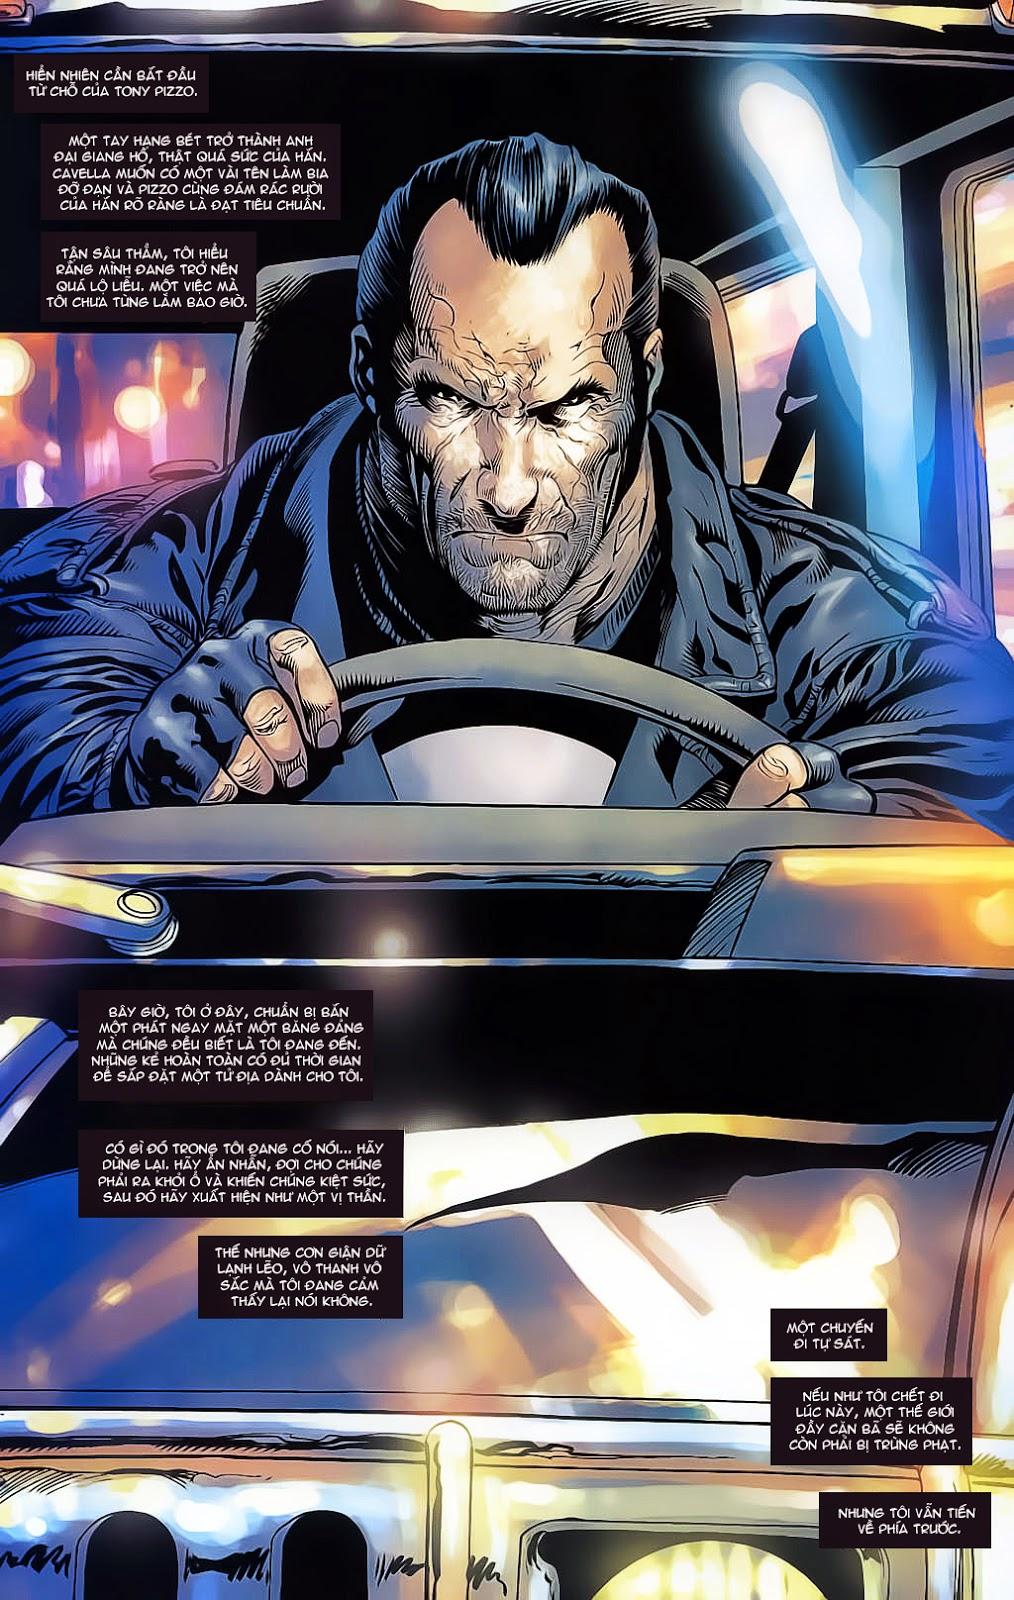 The Punisher: Trên là Dưới & Trắng là Đen chap 4 - Trang 19